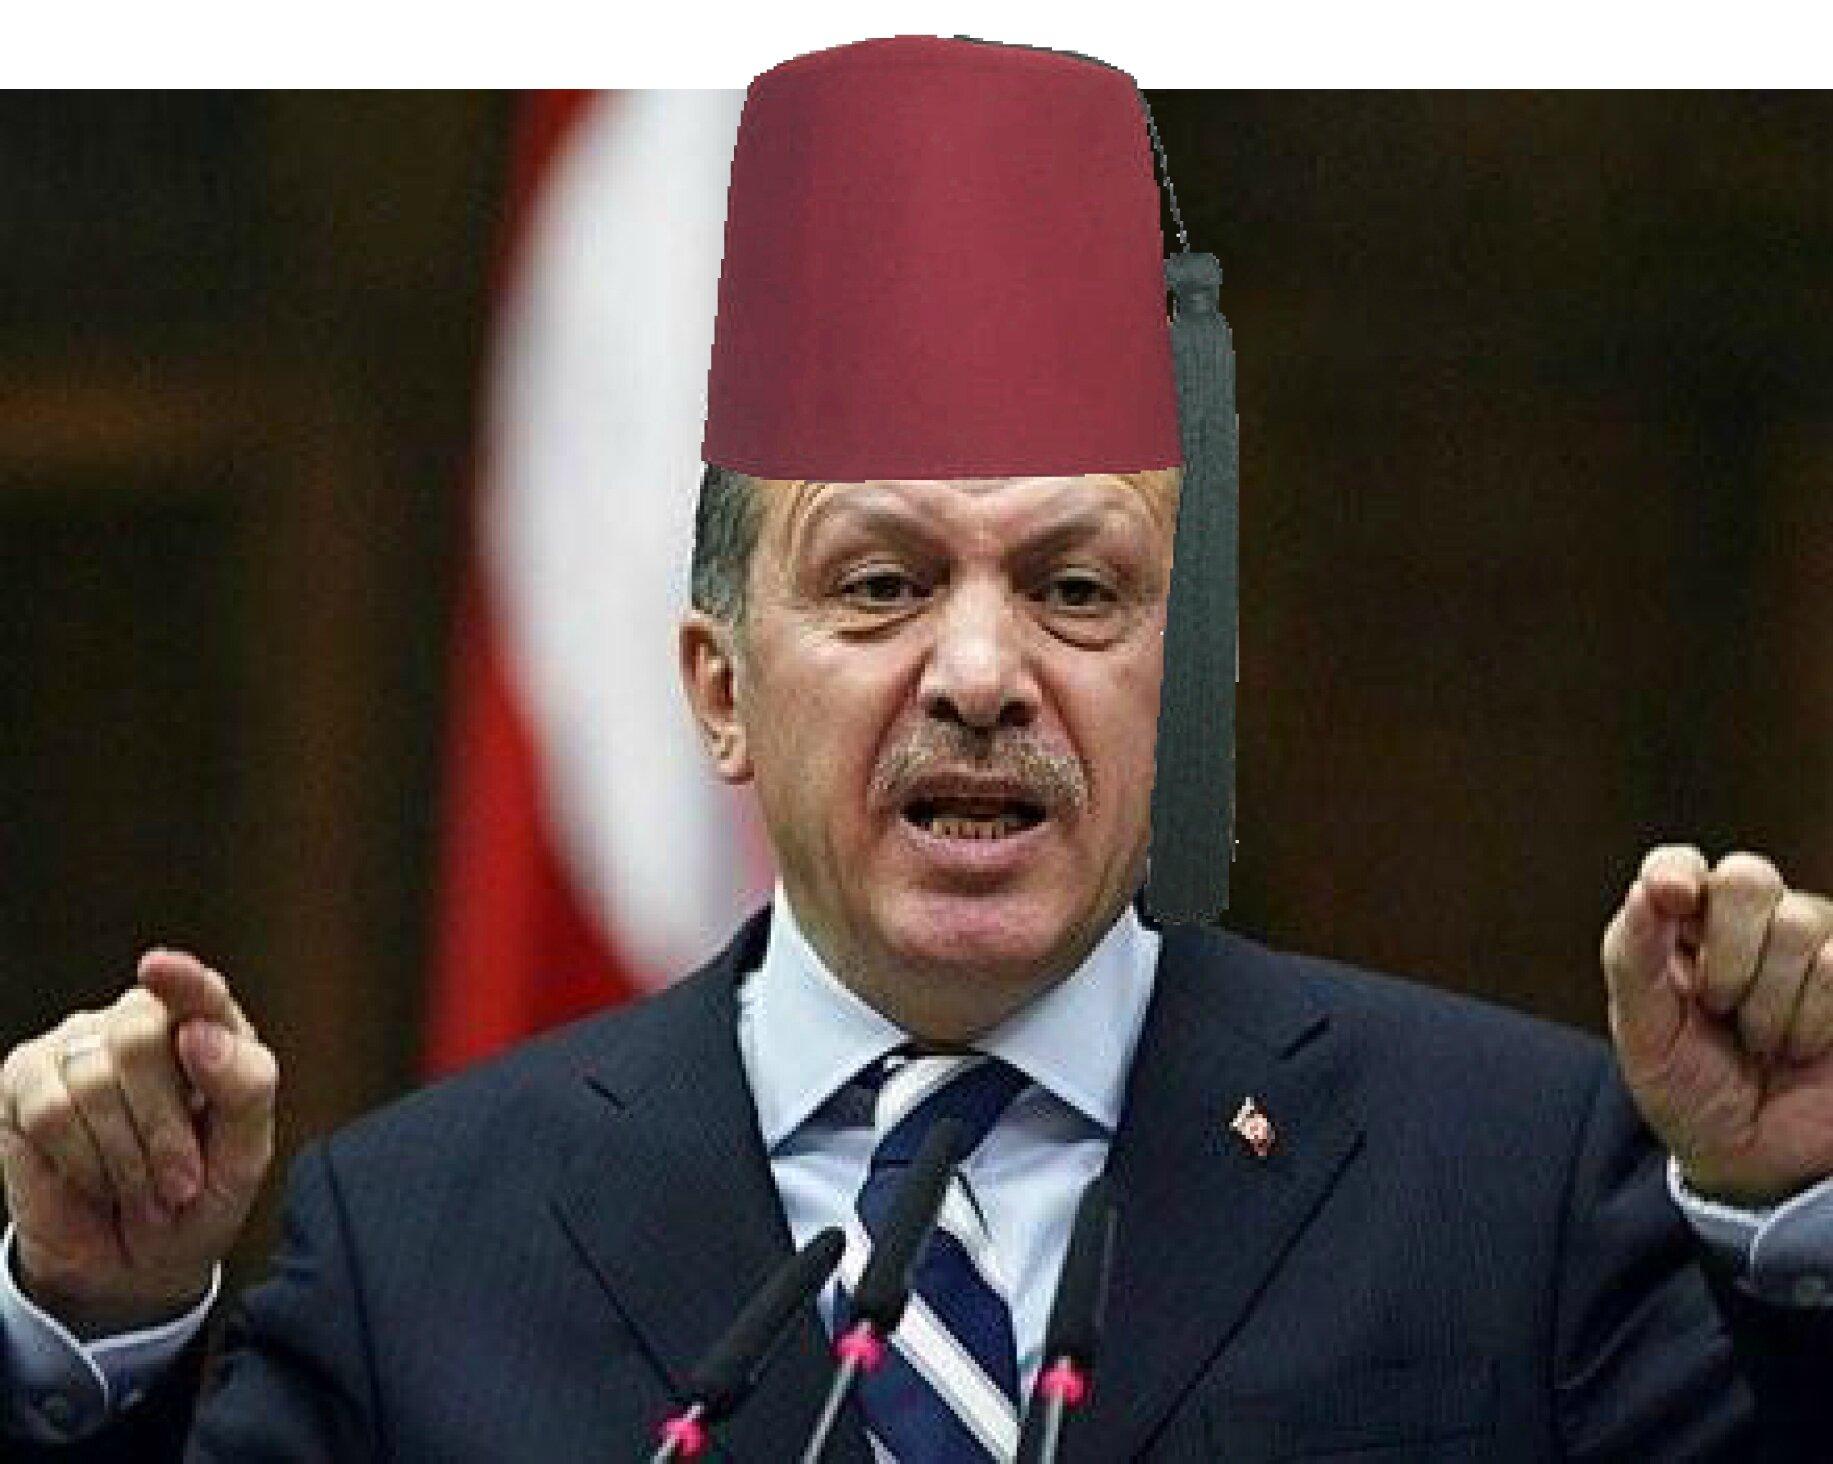 A qui profite le coup d'Etat en Turquie ? par Nemesis